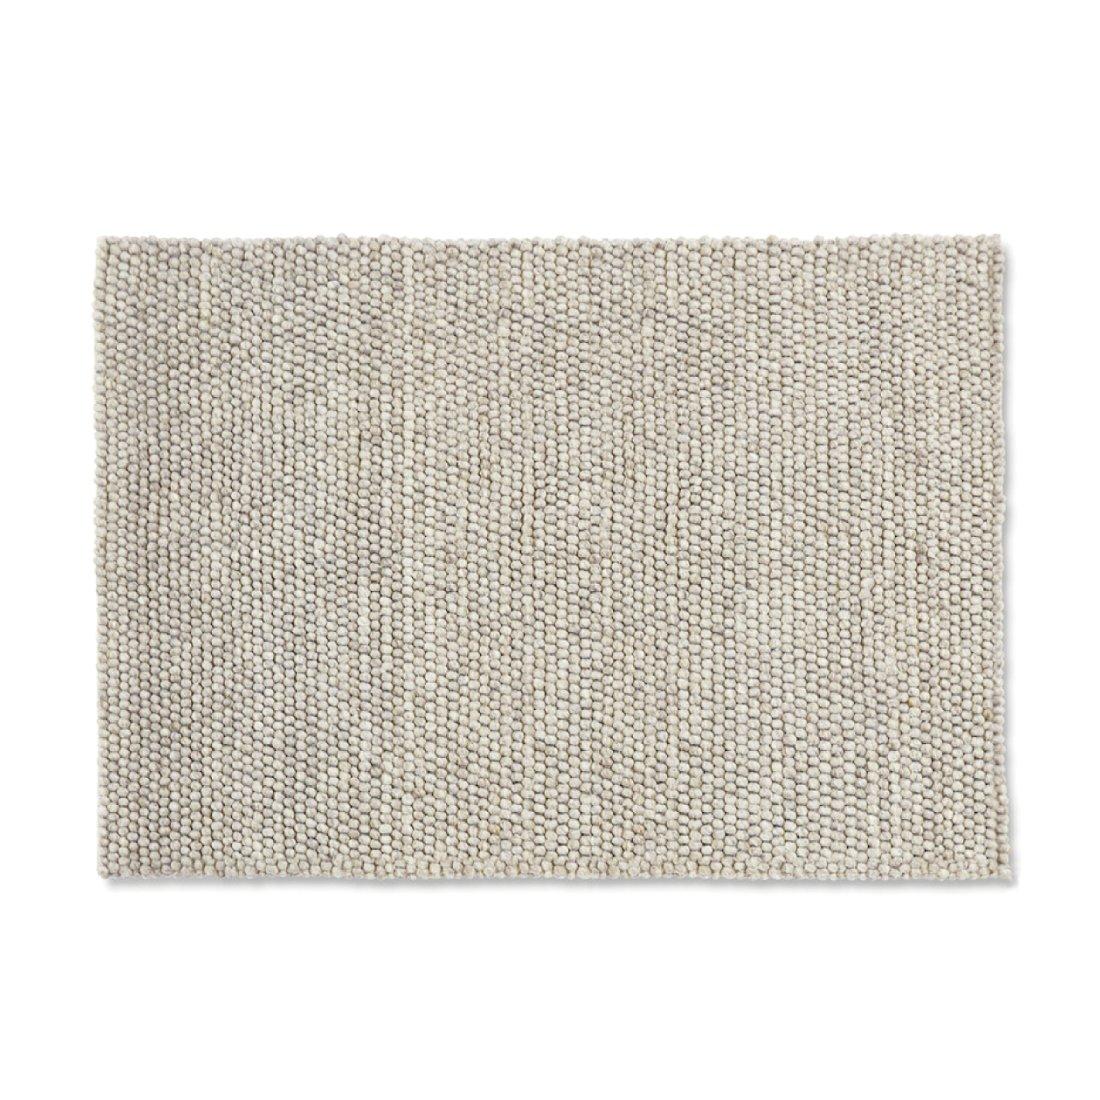 HAY Peas Karpet Vloerkleed 140 x 80 cm Licht Grijs